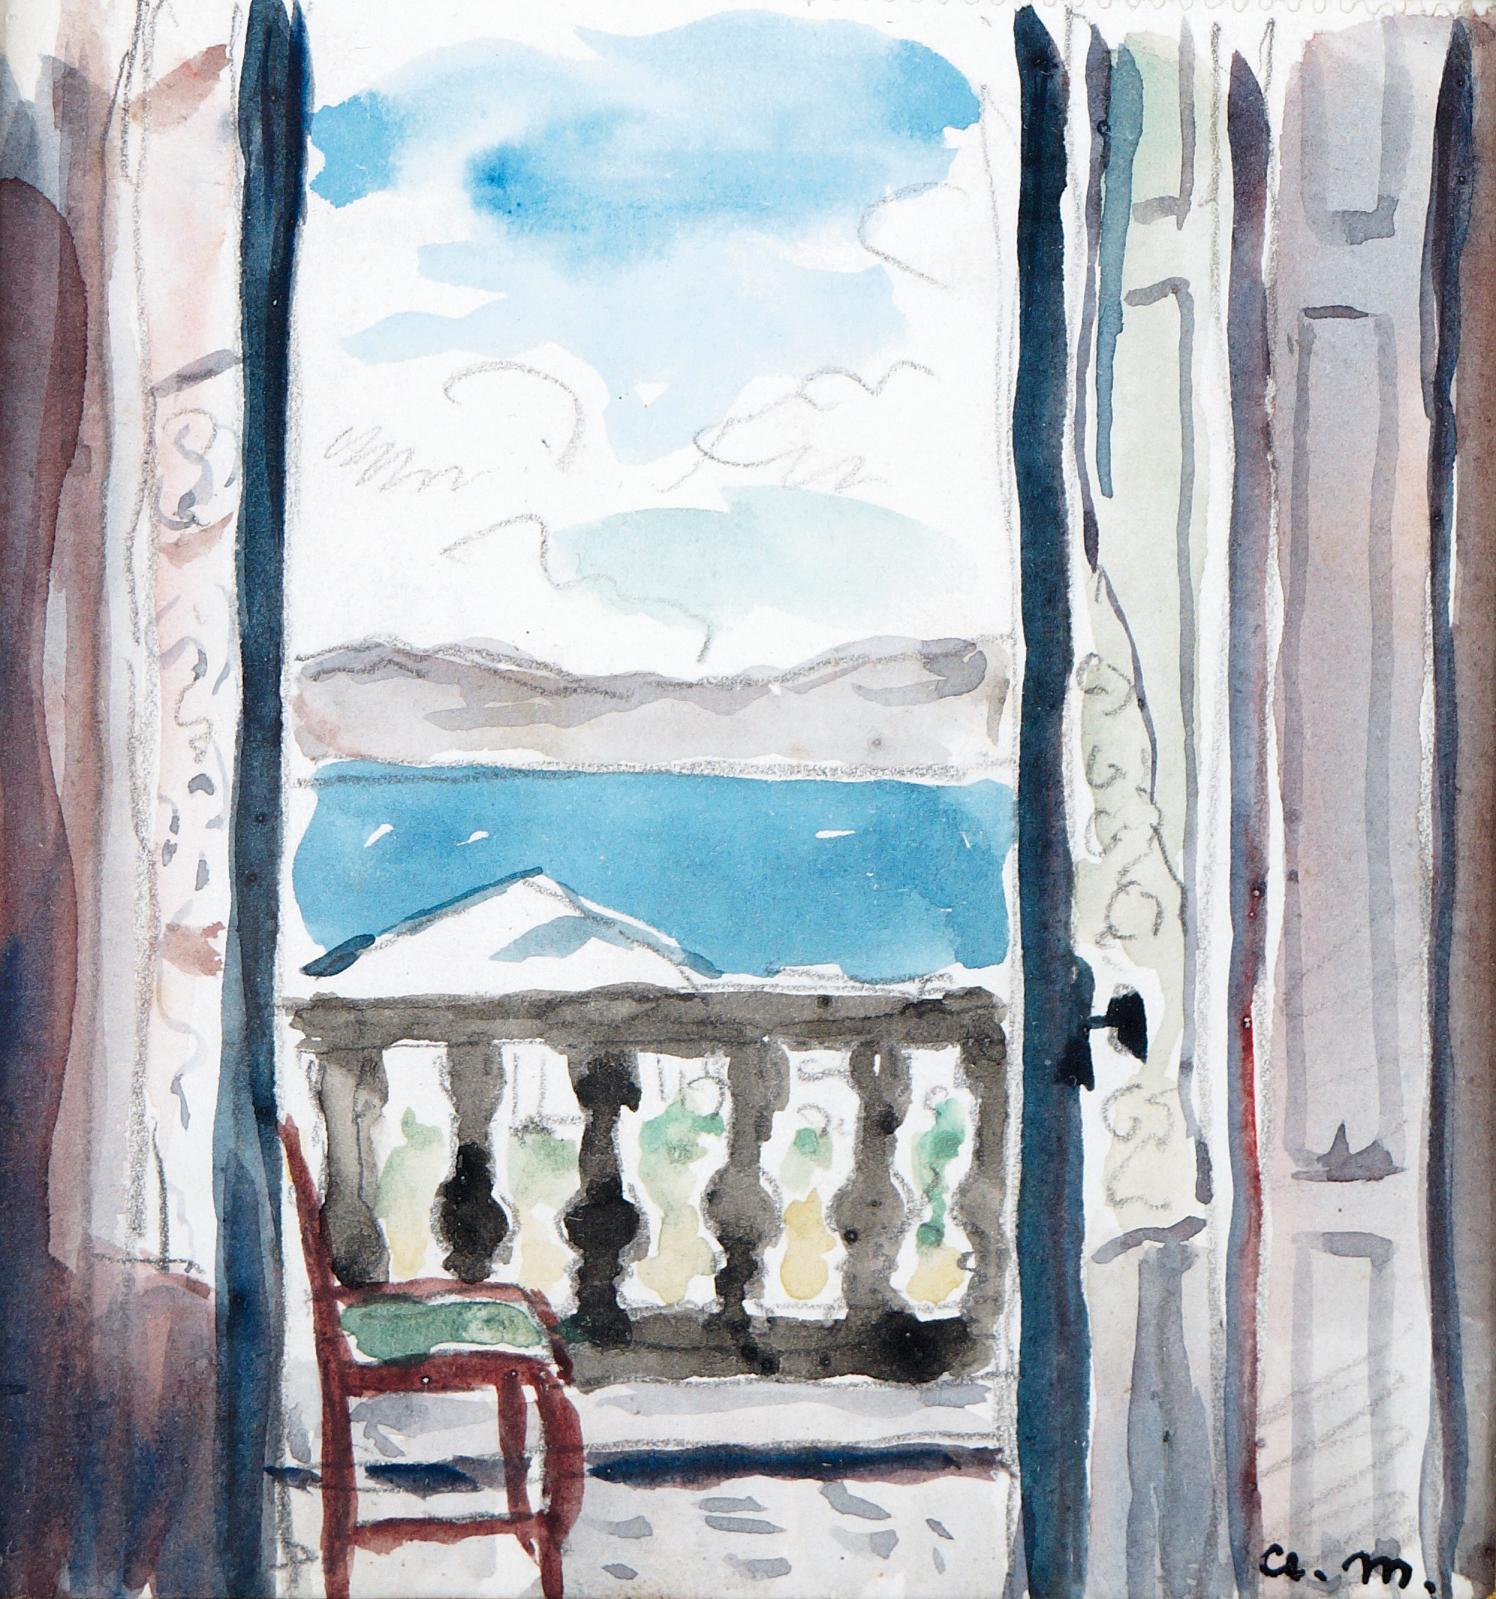 Albert Marquet, Algérie, le balcon, vers 1924, aquarelle et dessin sur papier, 11 x 11 cm. Adjugé: 18600 €